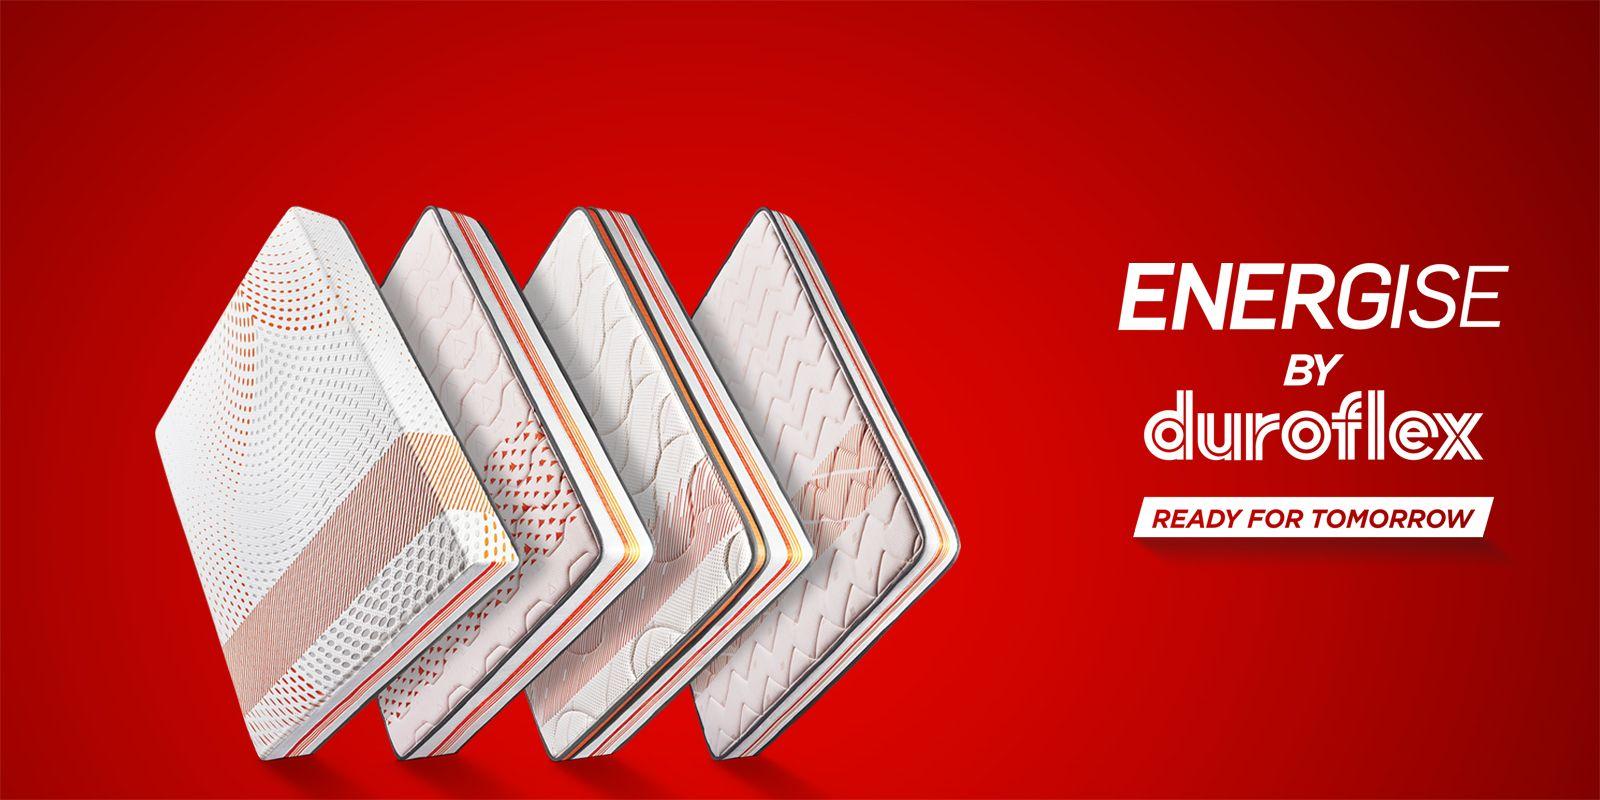 duroflex energise mattress price meramattress com pinterest